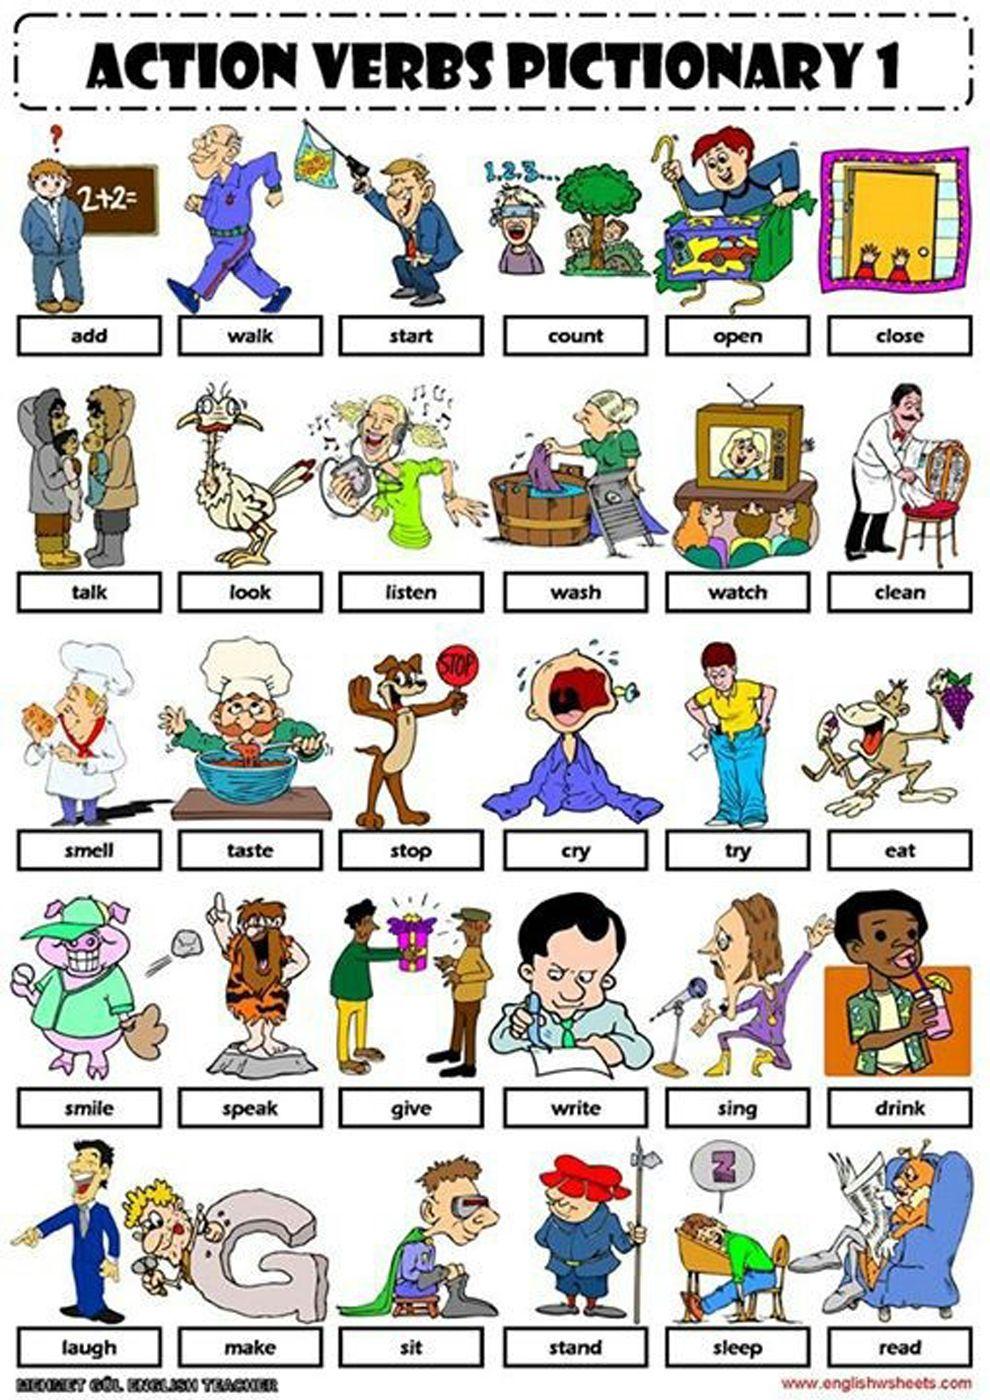 Epingle Par Jenny222 Sur Anglais Apprendre L Anglais Anglais Enfant Vocabulaire Anglais